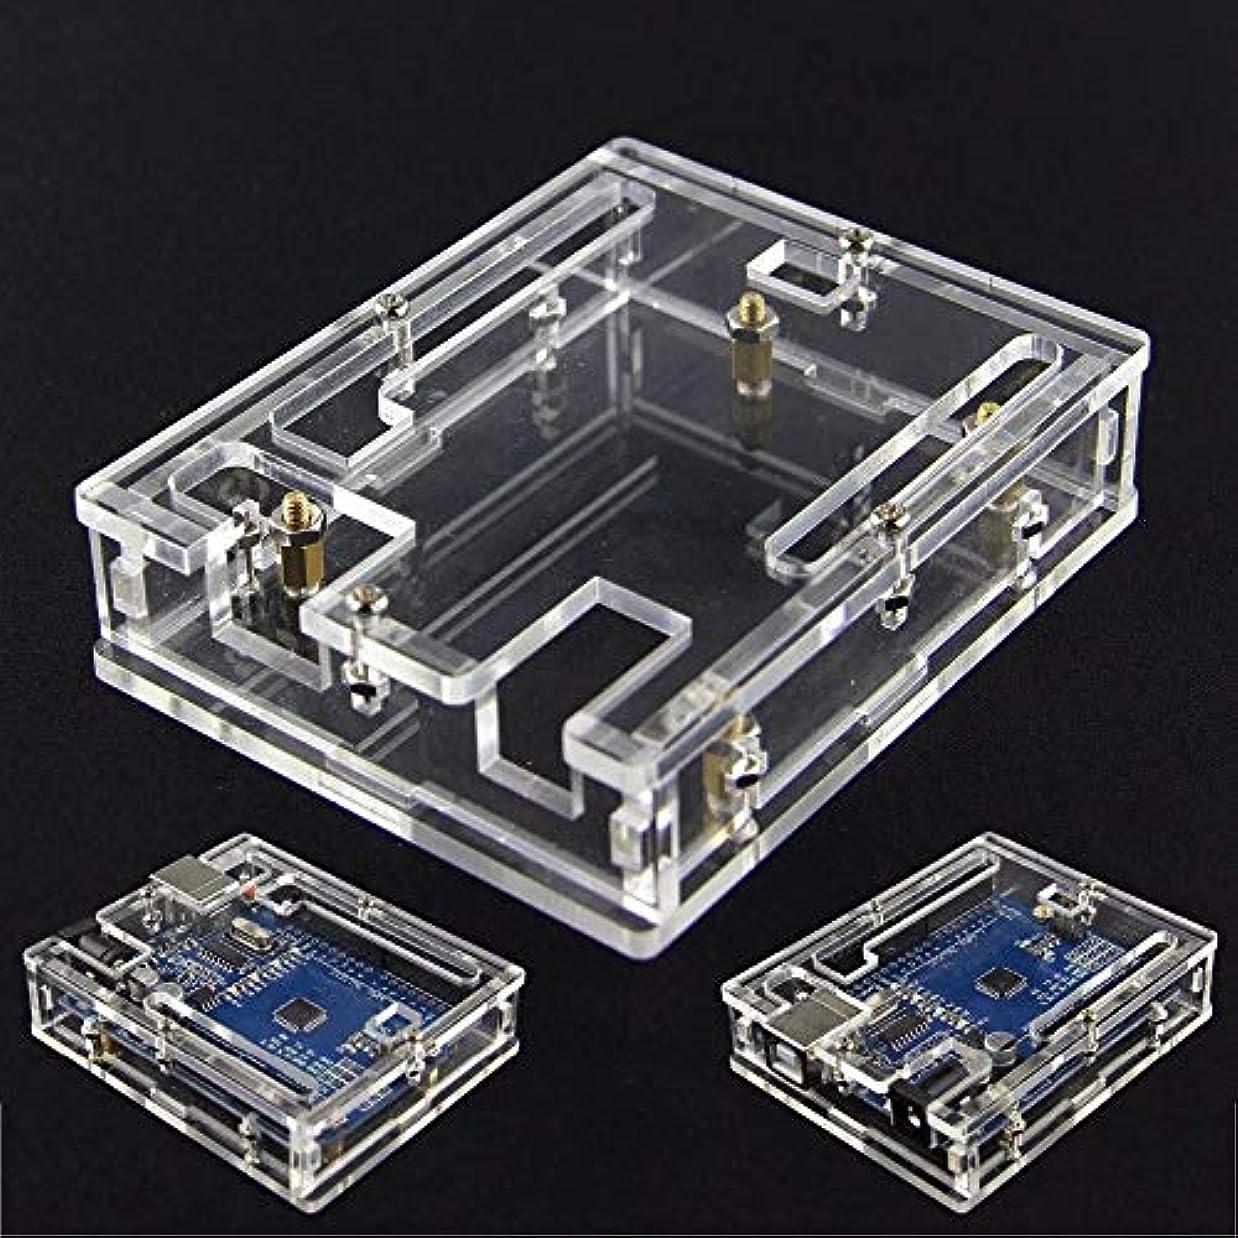 軽食スタンドフォーラムBBOXIM UNO R3用ケースエンクロージャ透明アクリルボックスカバー 1個